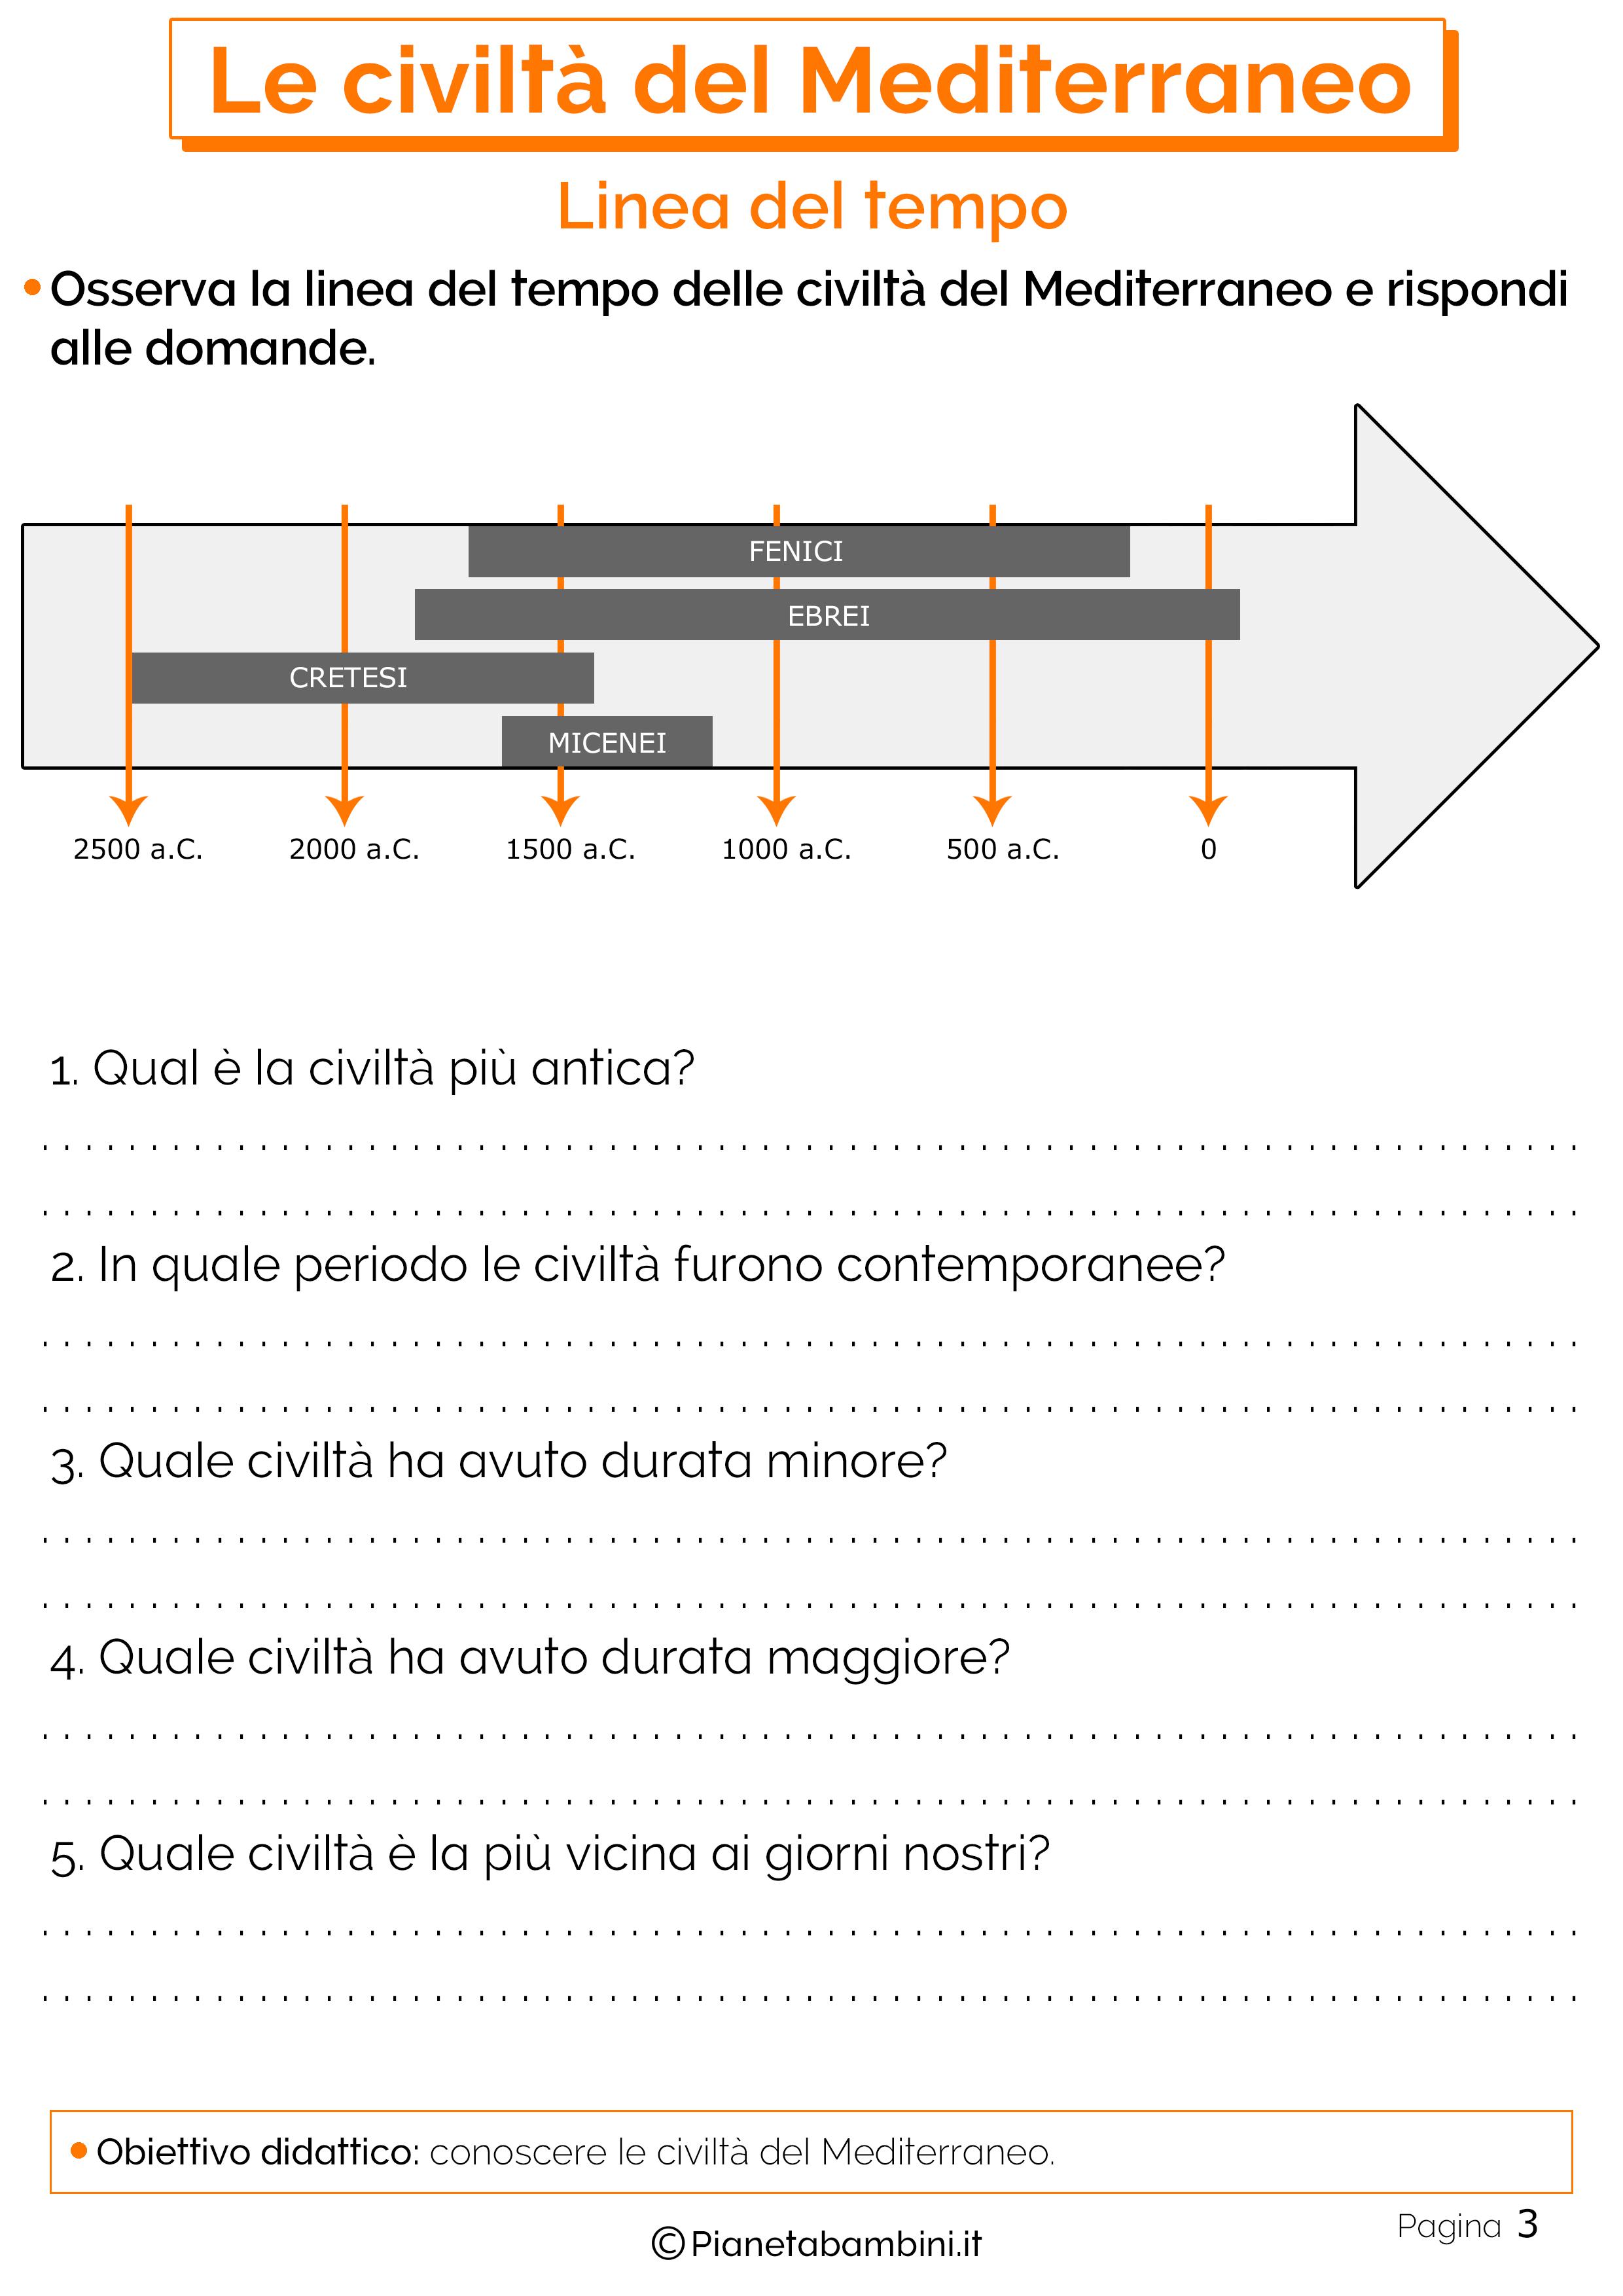 Linea del tempo sulle civiltà del mediterraneao